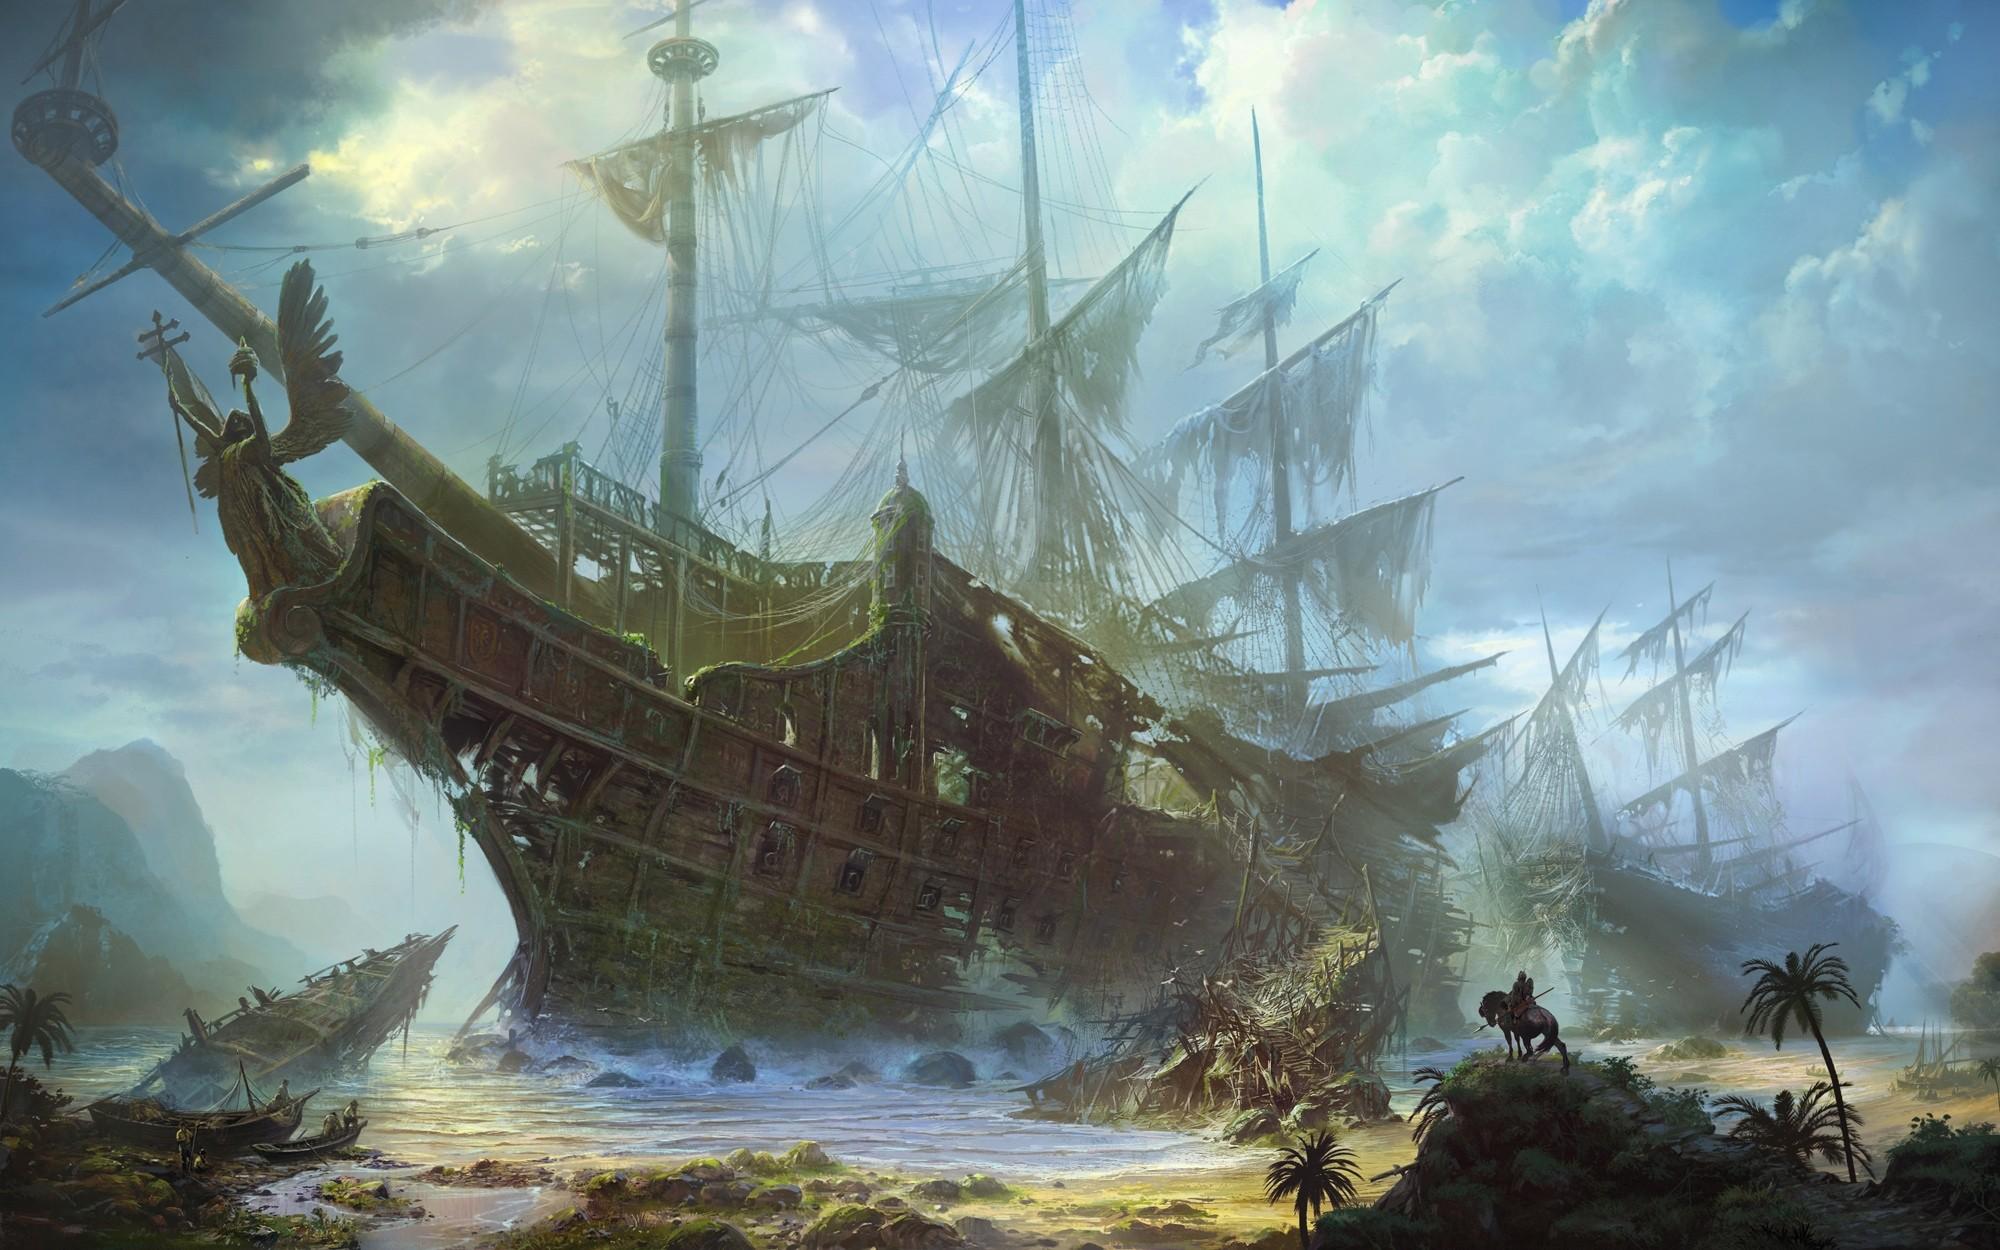 … 252 Ship Hd Wallpapers Backgrounds Wallpaper Ass Pirate Ship Wallpaper